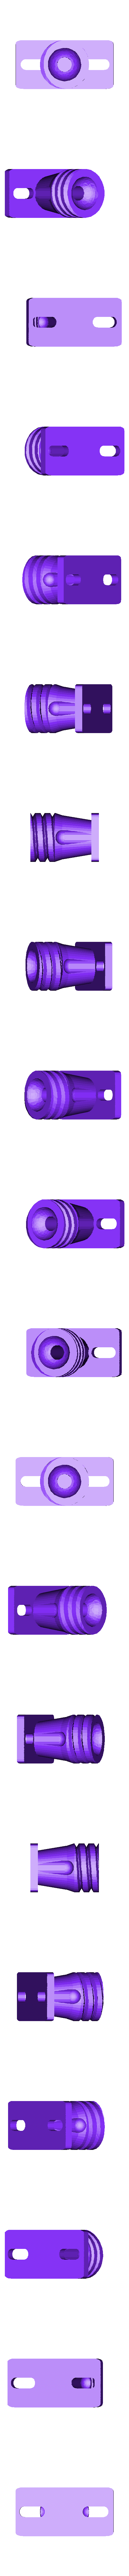 C920_Mount_-_2020.stl Download free STL file CR10, Ender Logitech c920, c270, c310, c910 20/20 camera mount system • 3D printing object, FedorSosnin